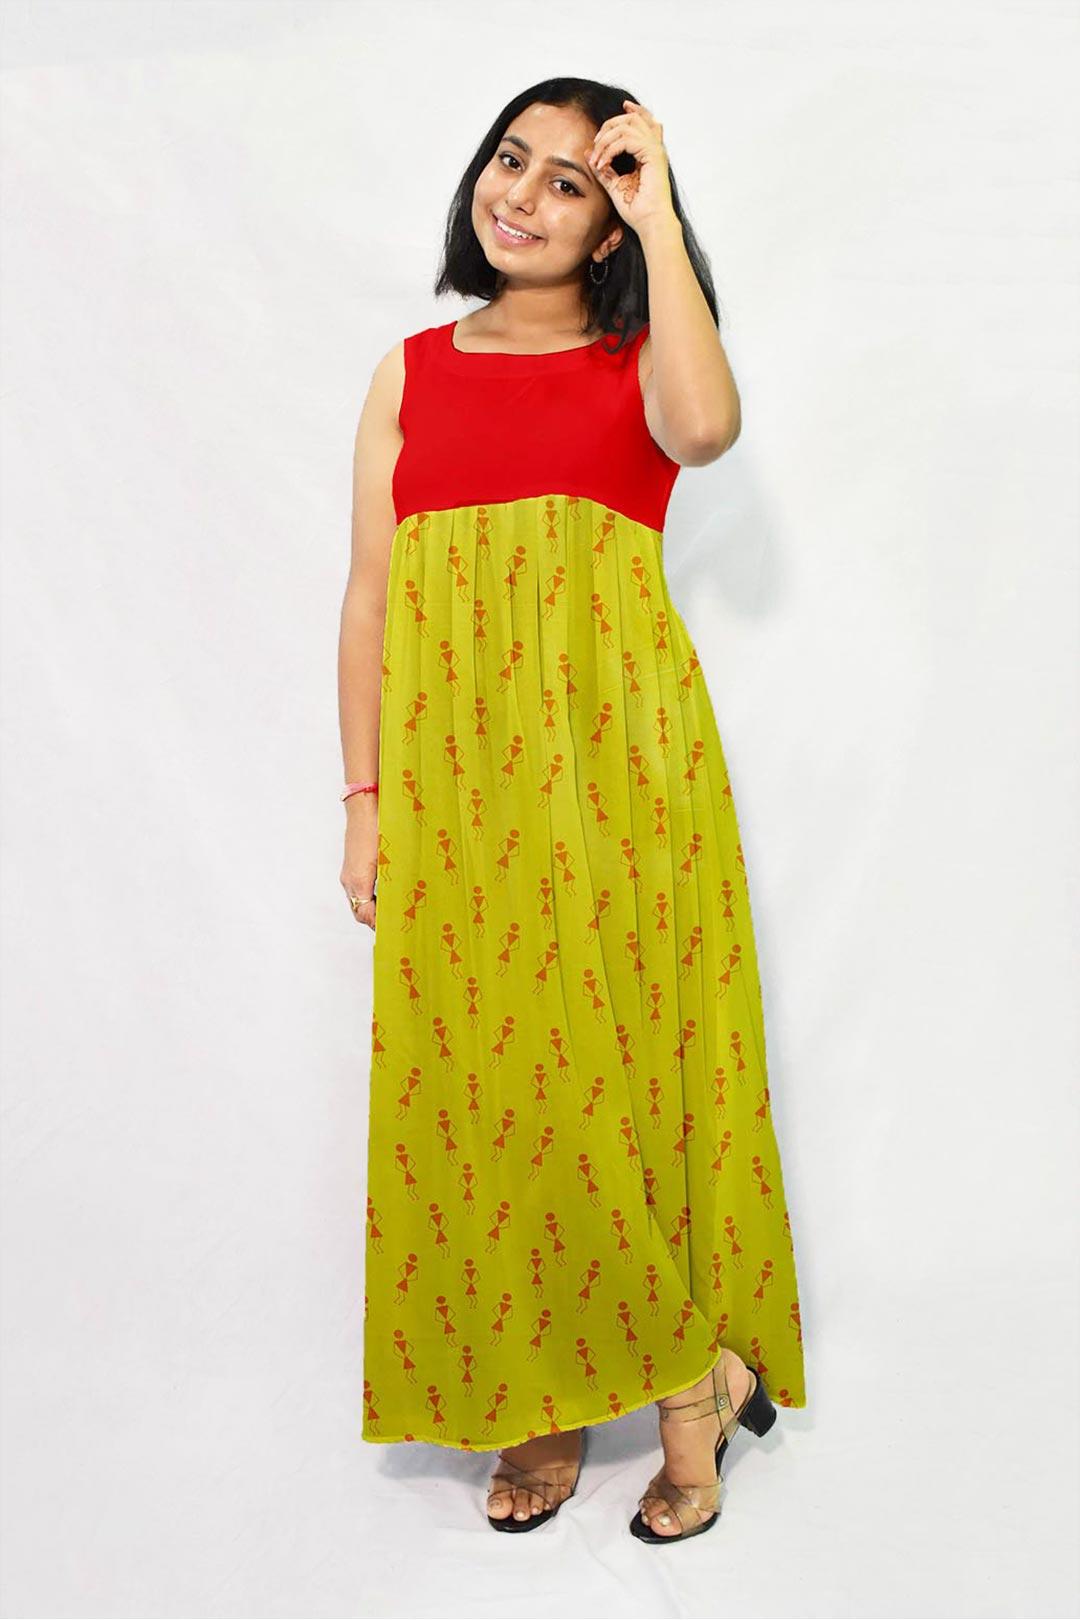 Georgette Frock Style Dress – Tribal